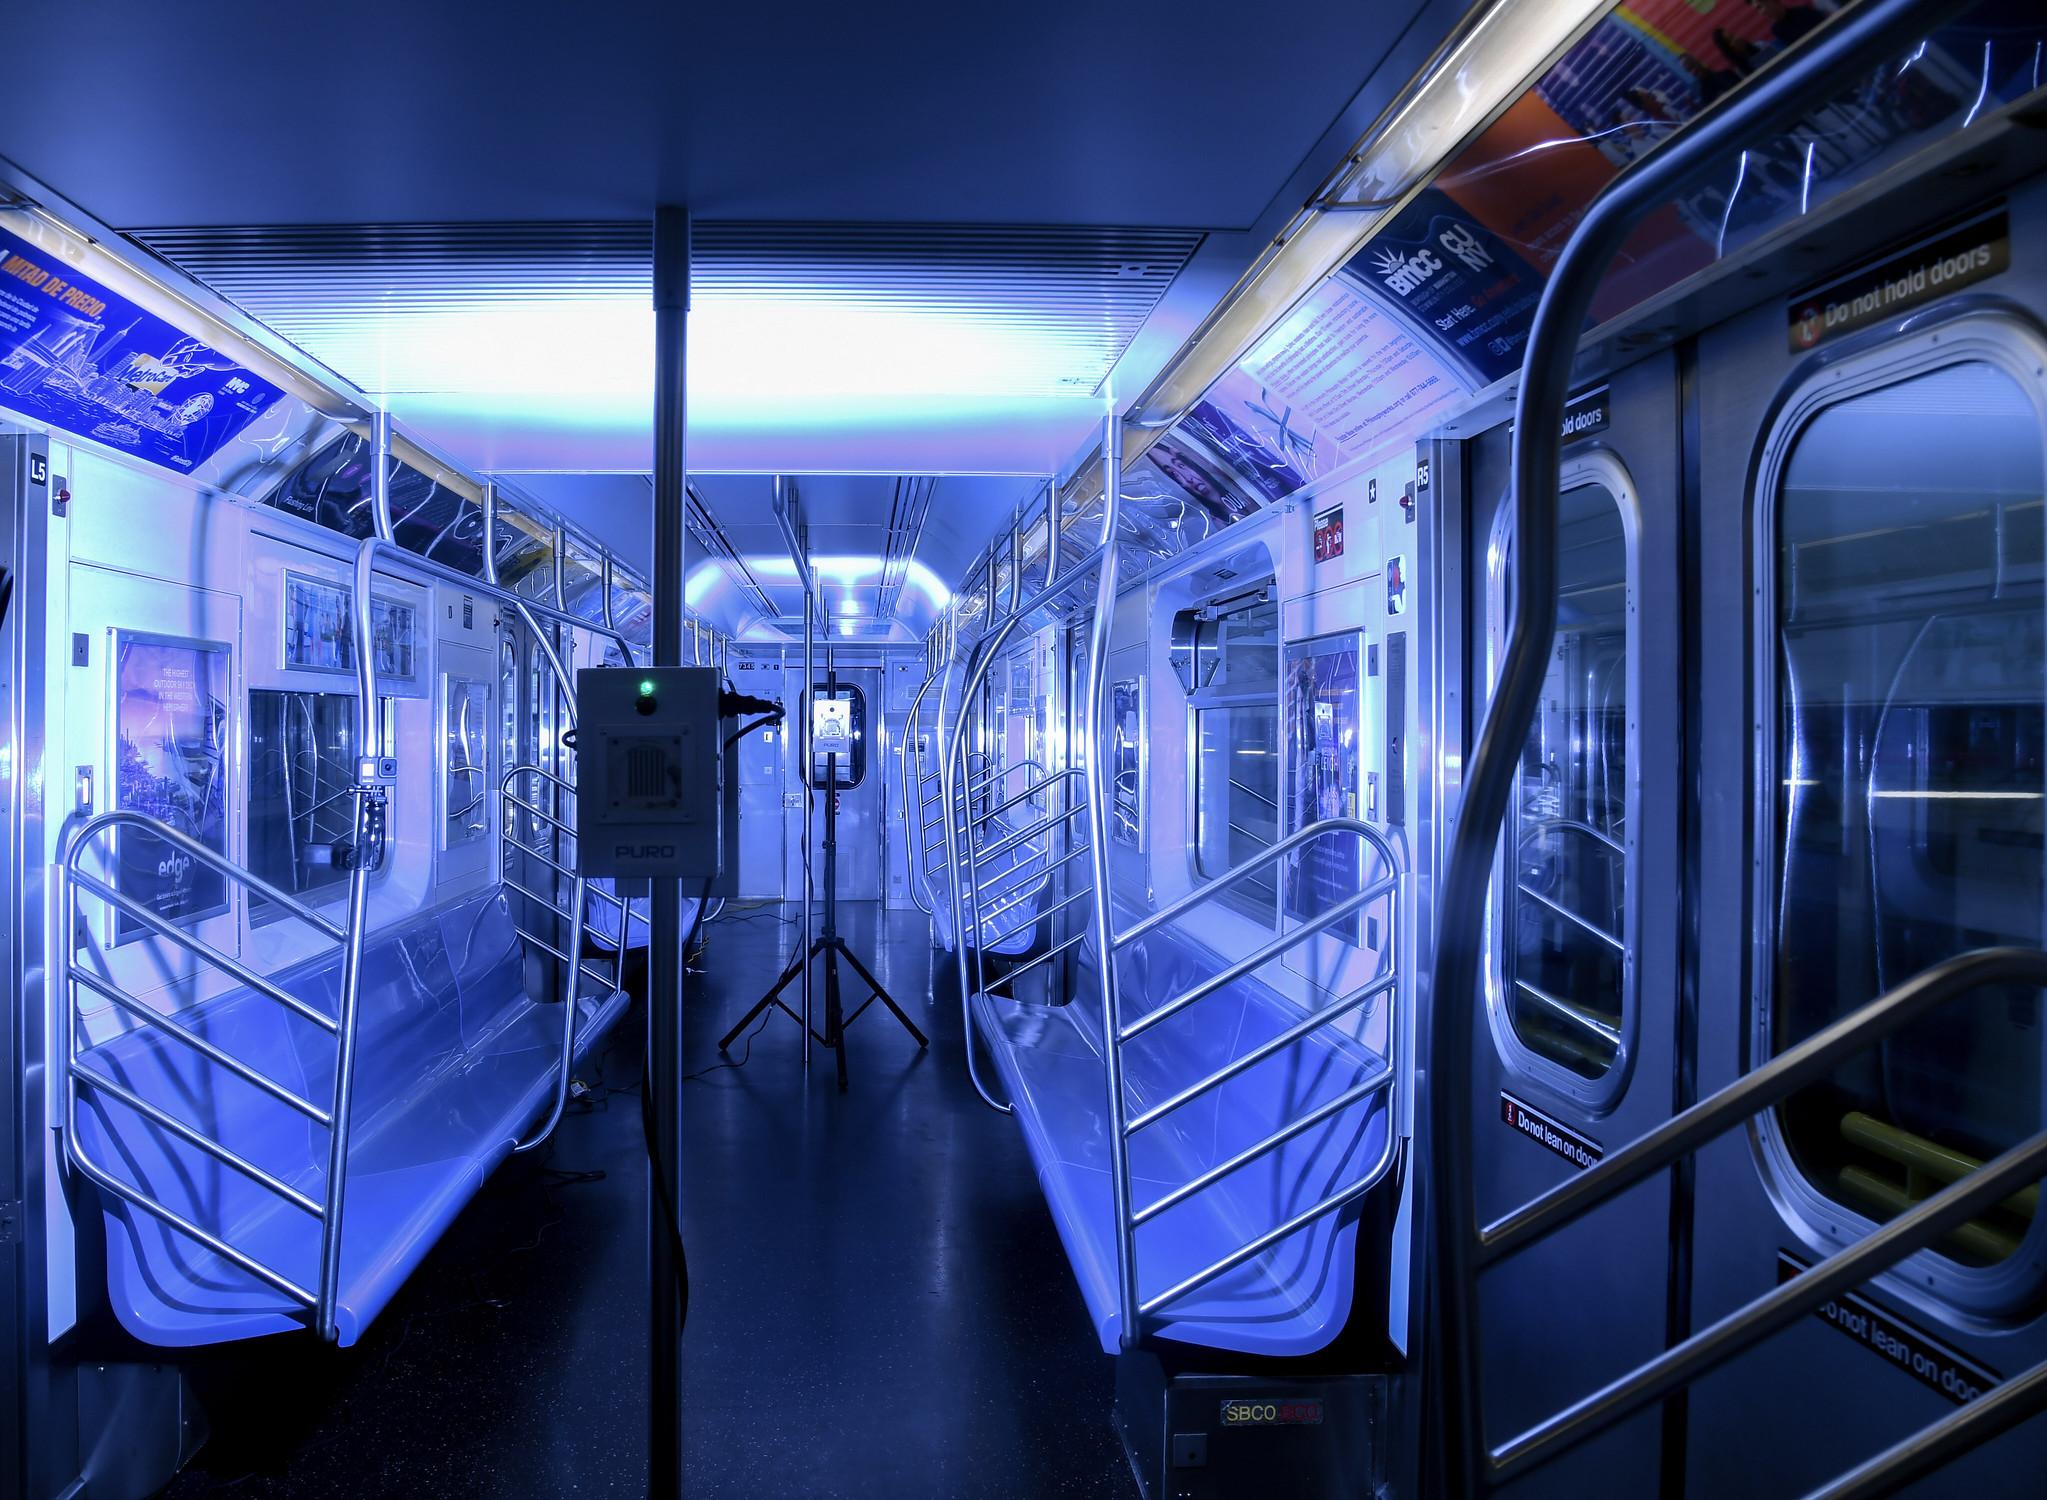 Demonstração da tecnologia de desinfecção UV em uma instalação de manutenção na cidade de Nova Iorque em 19 de maio de 2020 (Marc A. Hermann / MTA New York City Transit)